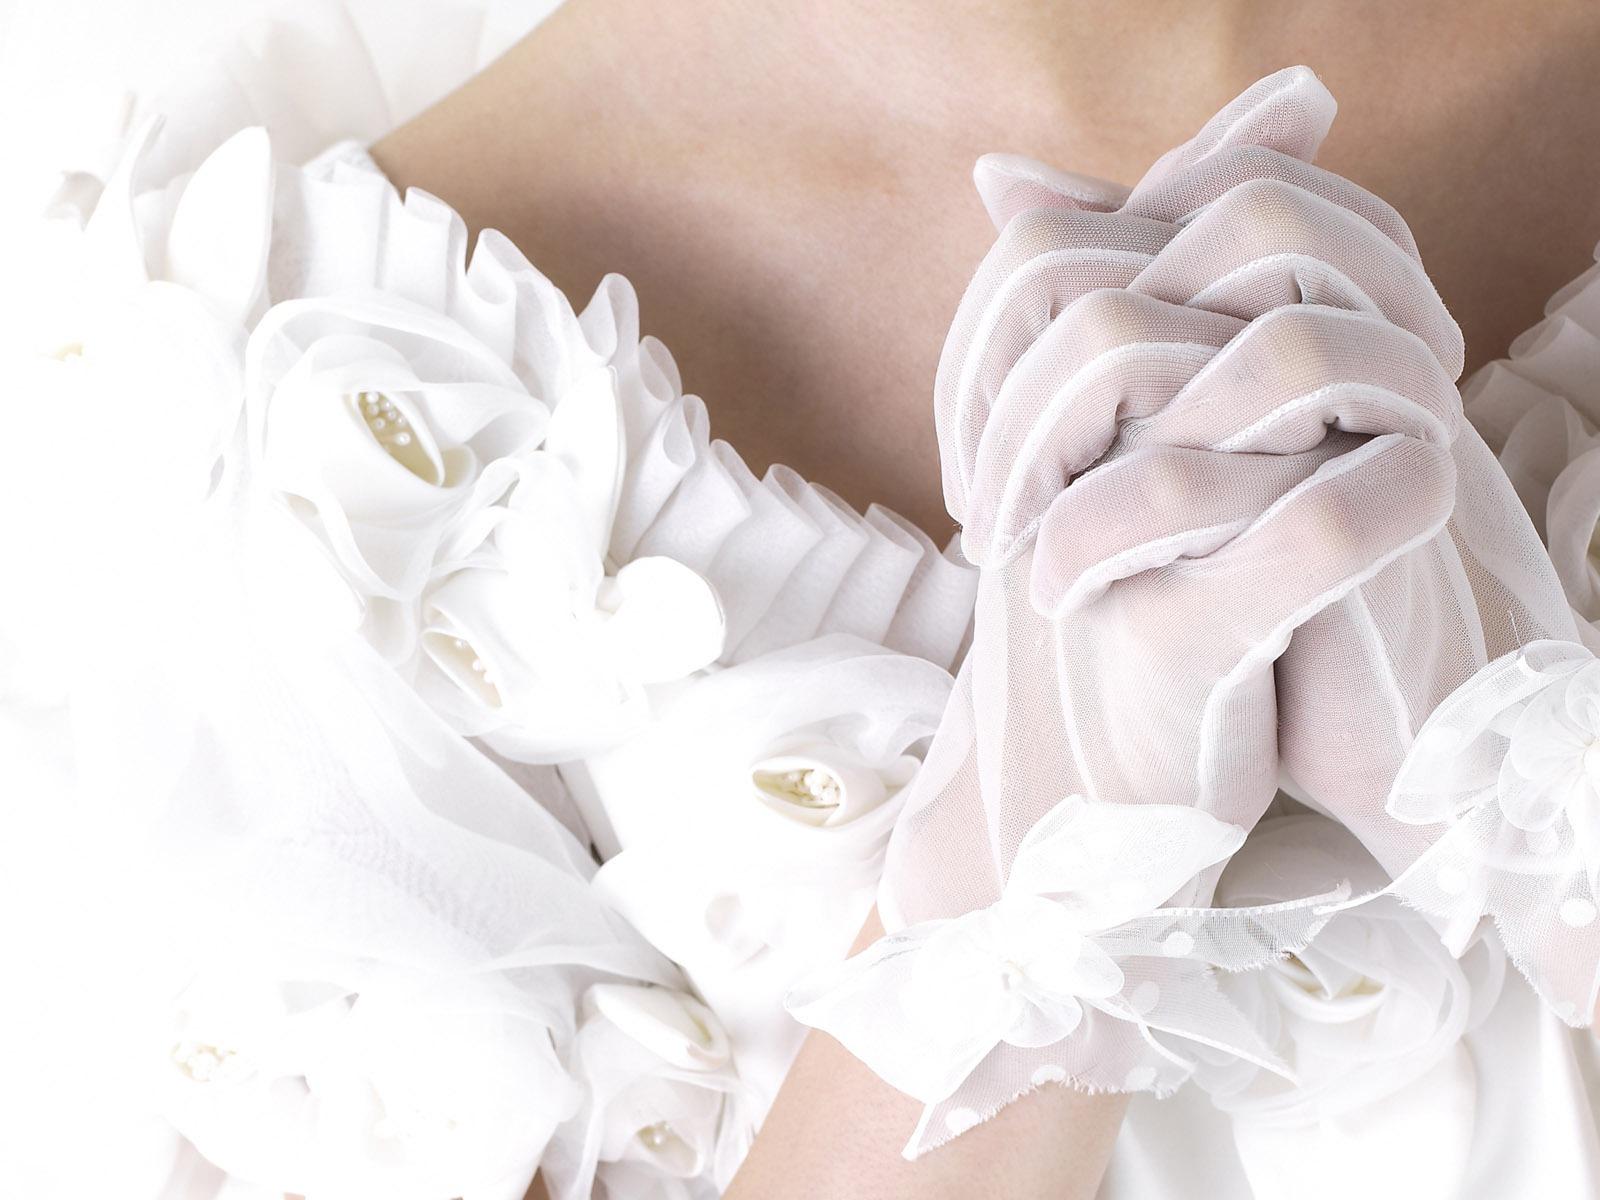 1600 x 1200 · 256 kB · jpeg, Flor de boda anillo de bodas fondo de